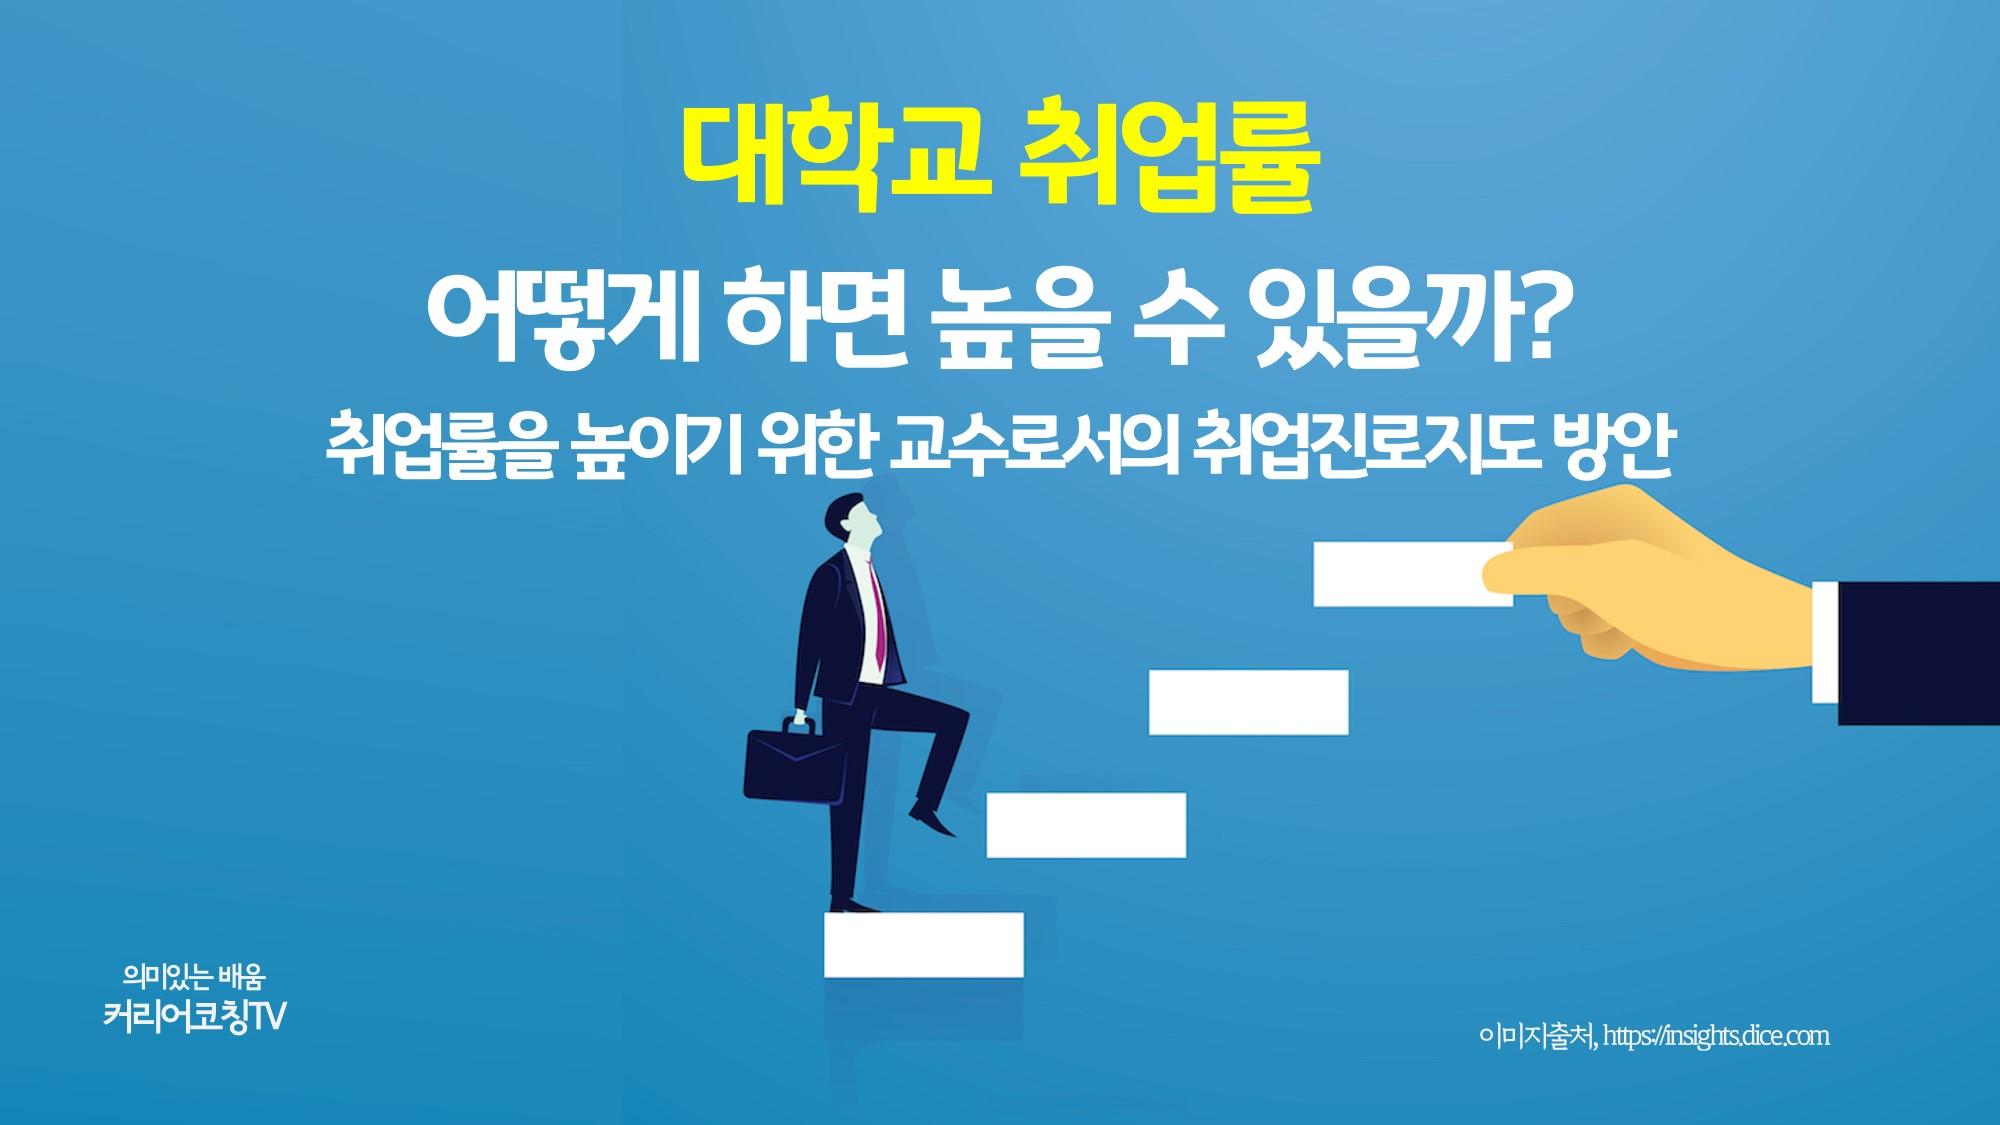 대학교 취업률 어떻게 하면 높을 수 있을까?-취업률을 높이기 위한 교수로서의 취업진로지도 방안